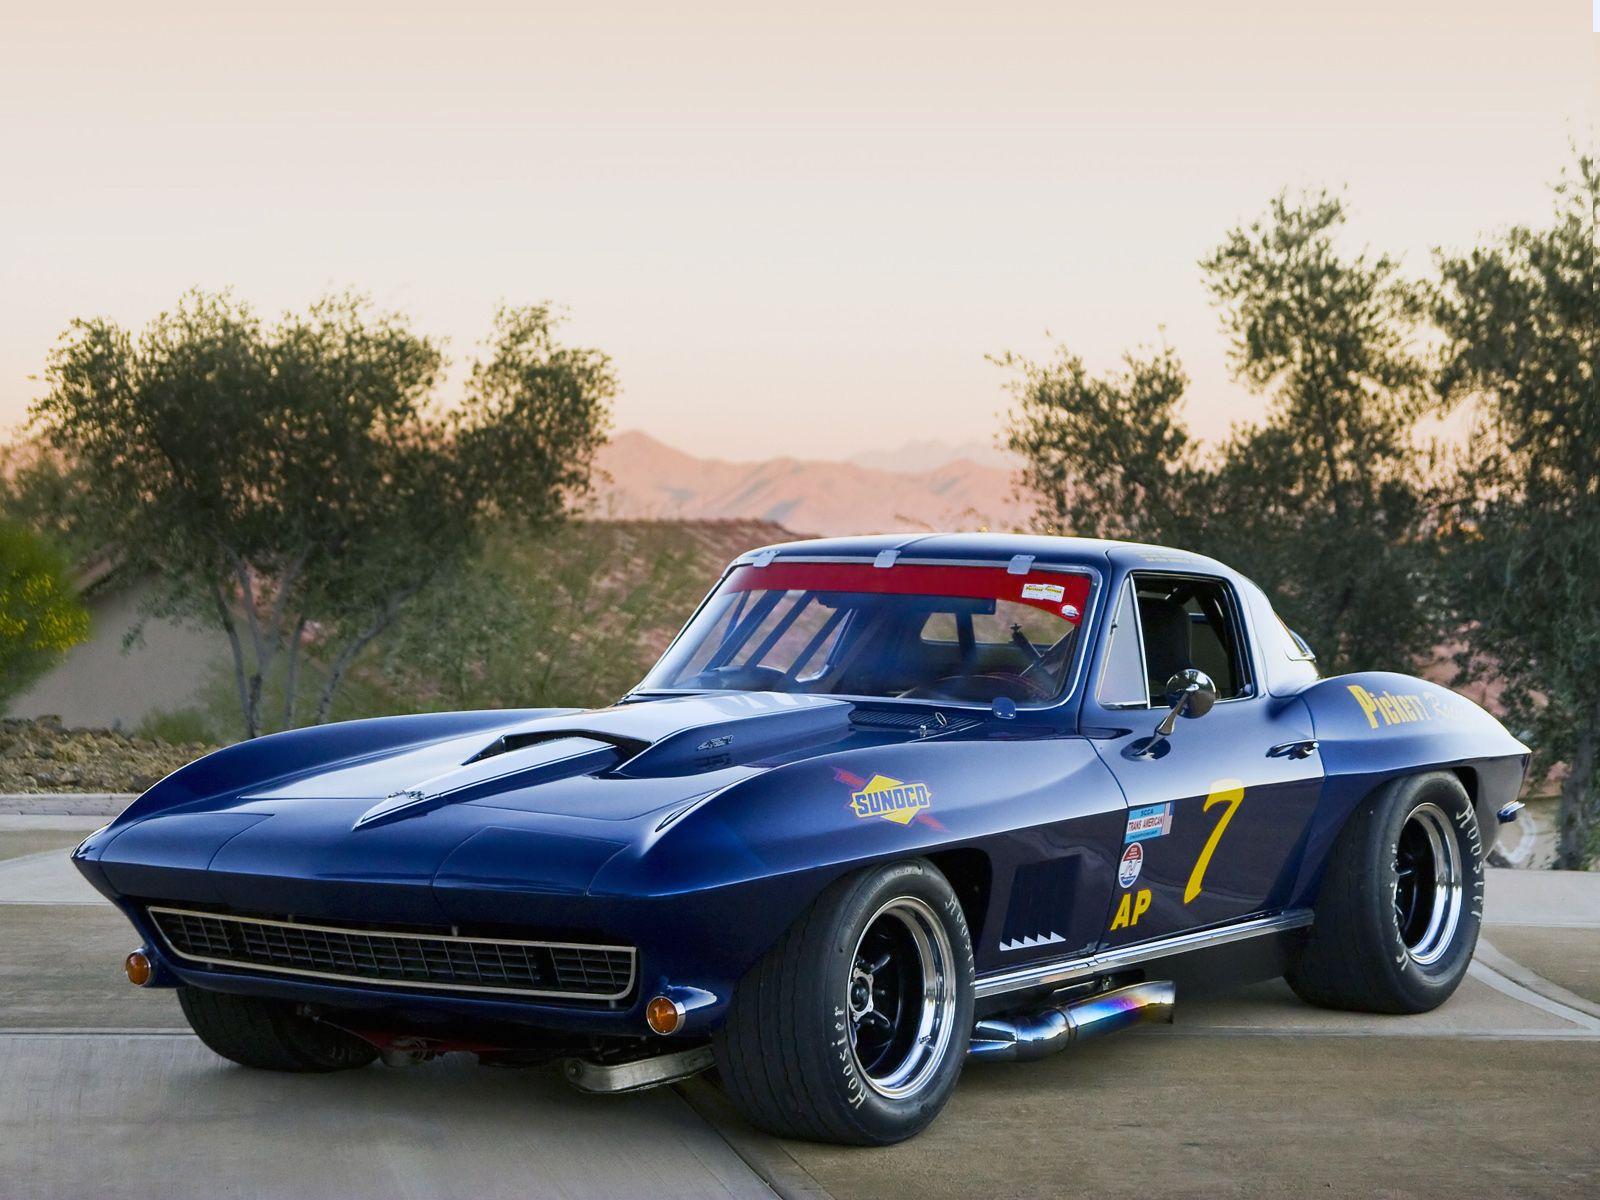 1967 427ci L71 Corvette converted to run SCCA when new   Corvette ...